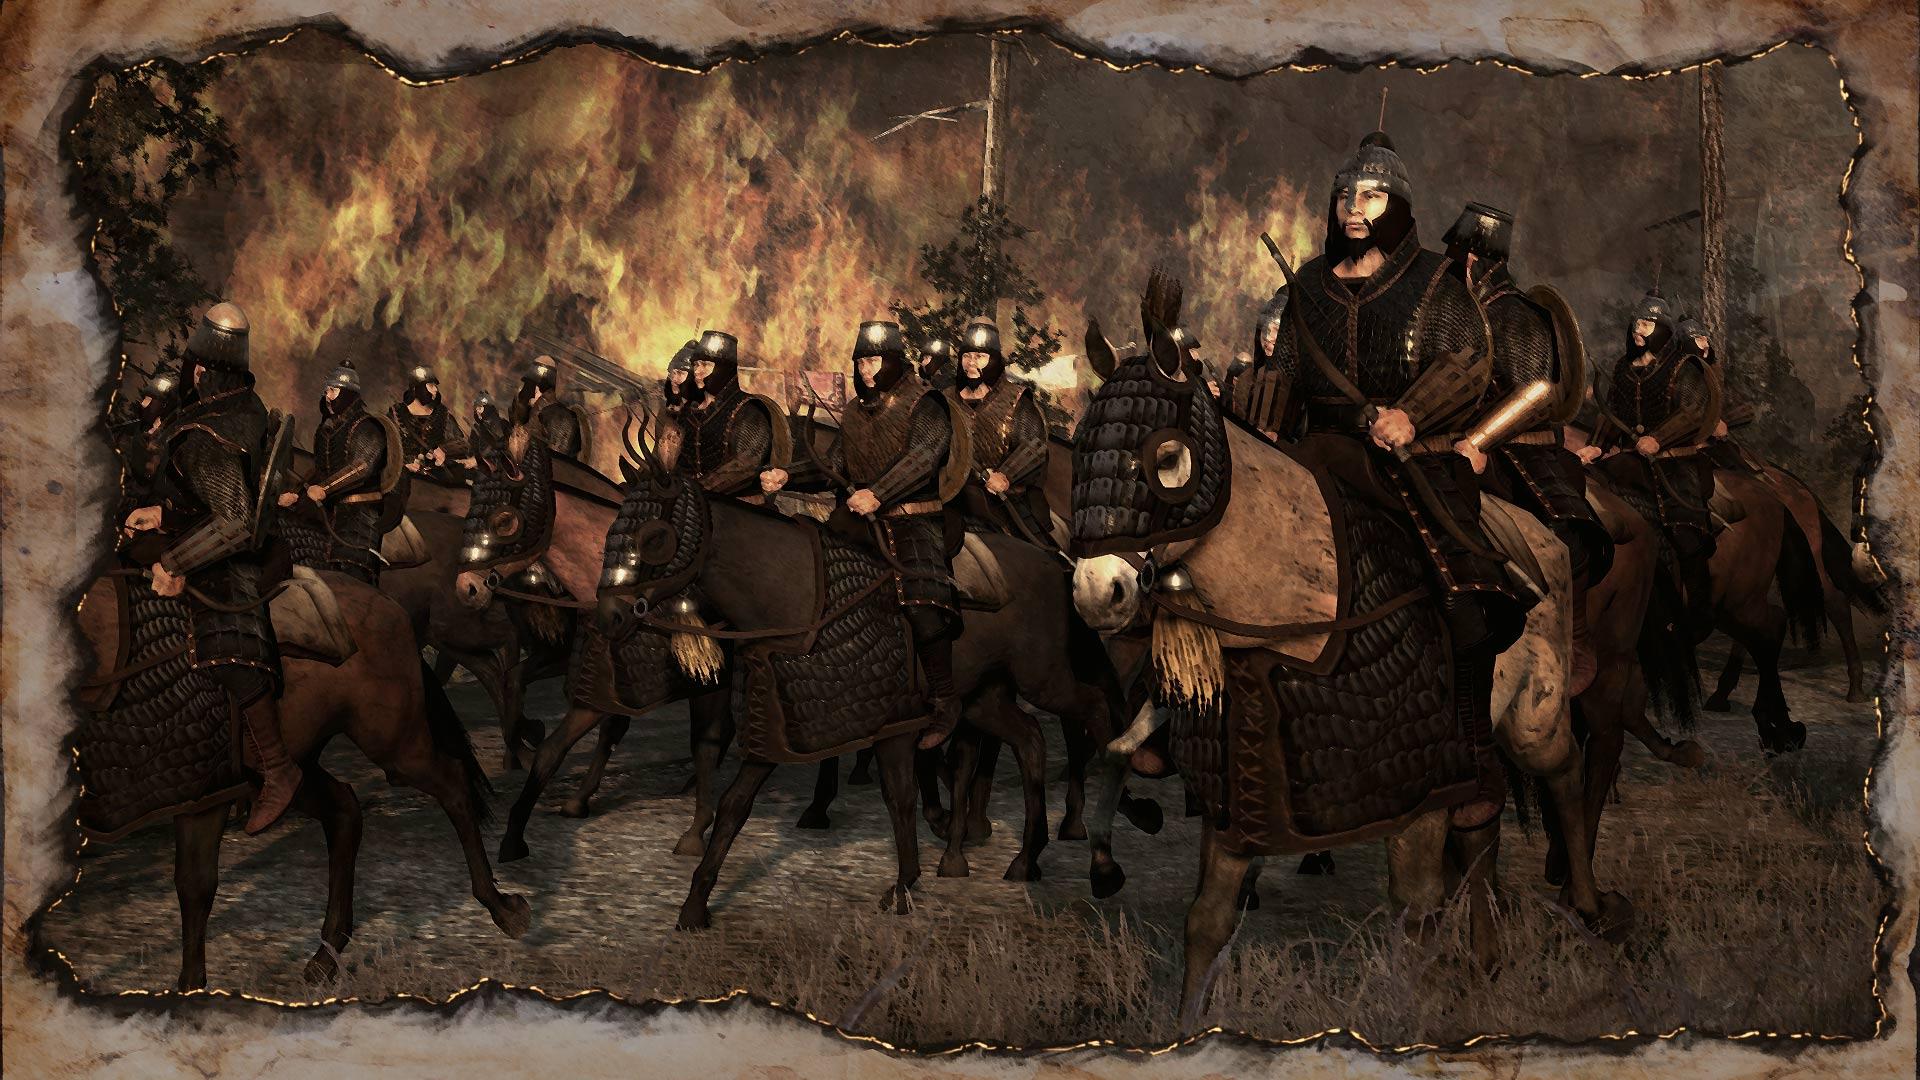 Attila Total War Wallpaper: Total War: ATTILA - Attila Three